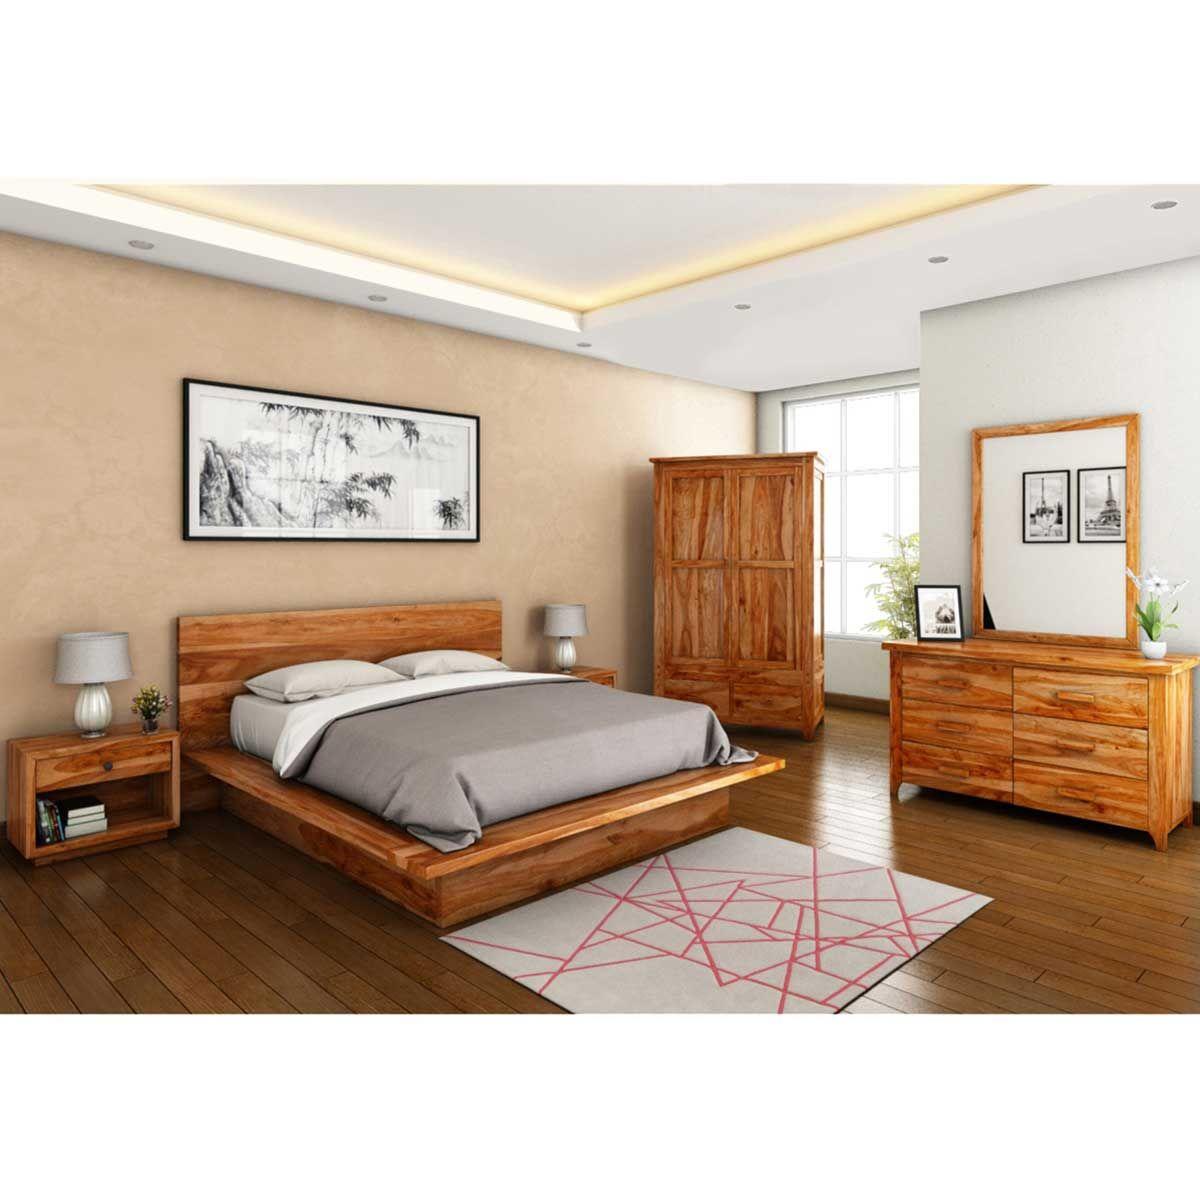 Delaware Solid Wood Platform Bed Frame: Delaware California King Size